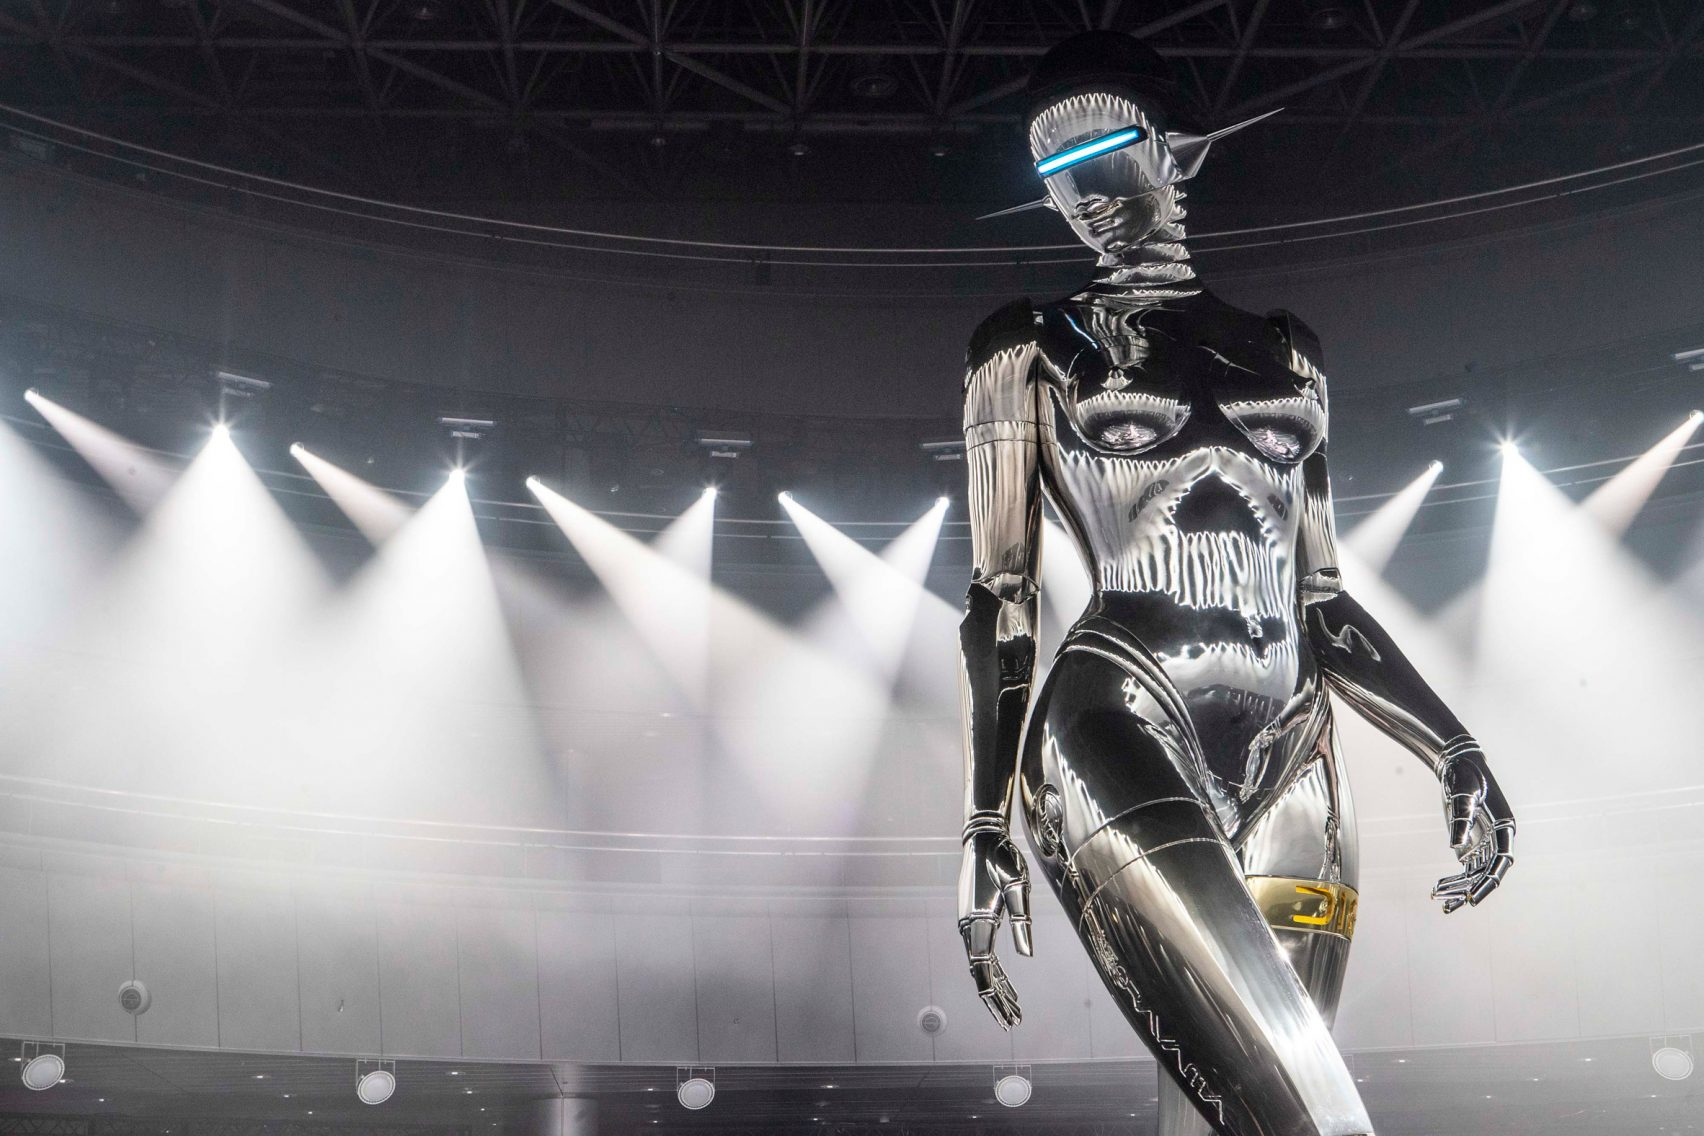 디올 패션쇼에 하지메 소라야마의 거대 로봇 등장